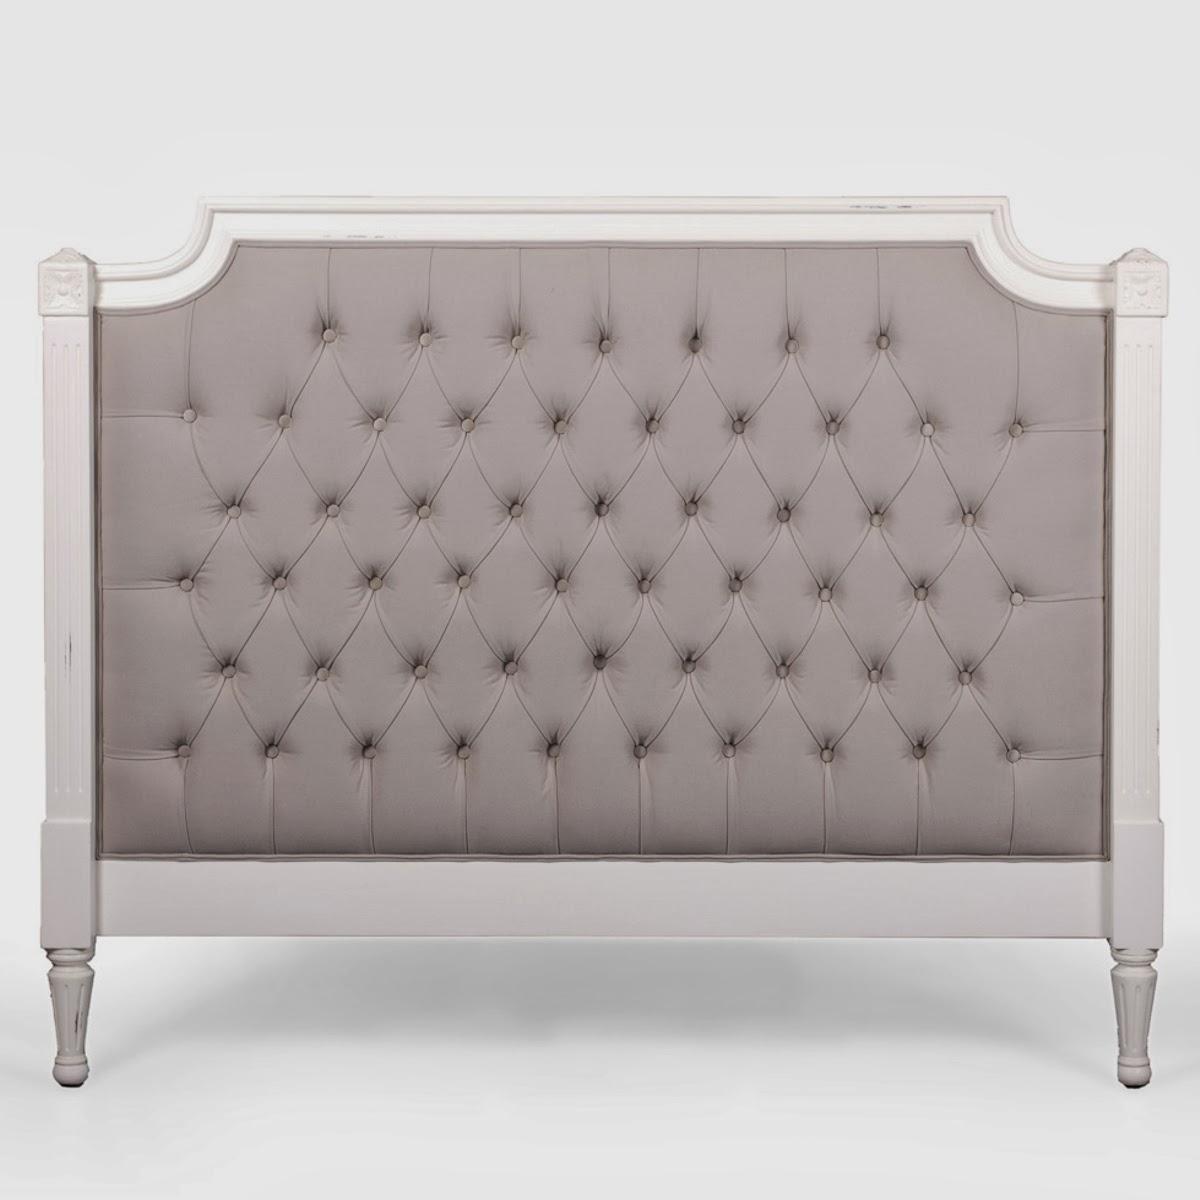 El blog de demarques muebles provenzales blancos leblanc for Replicas de muebles modernos